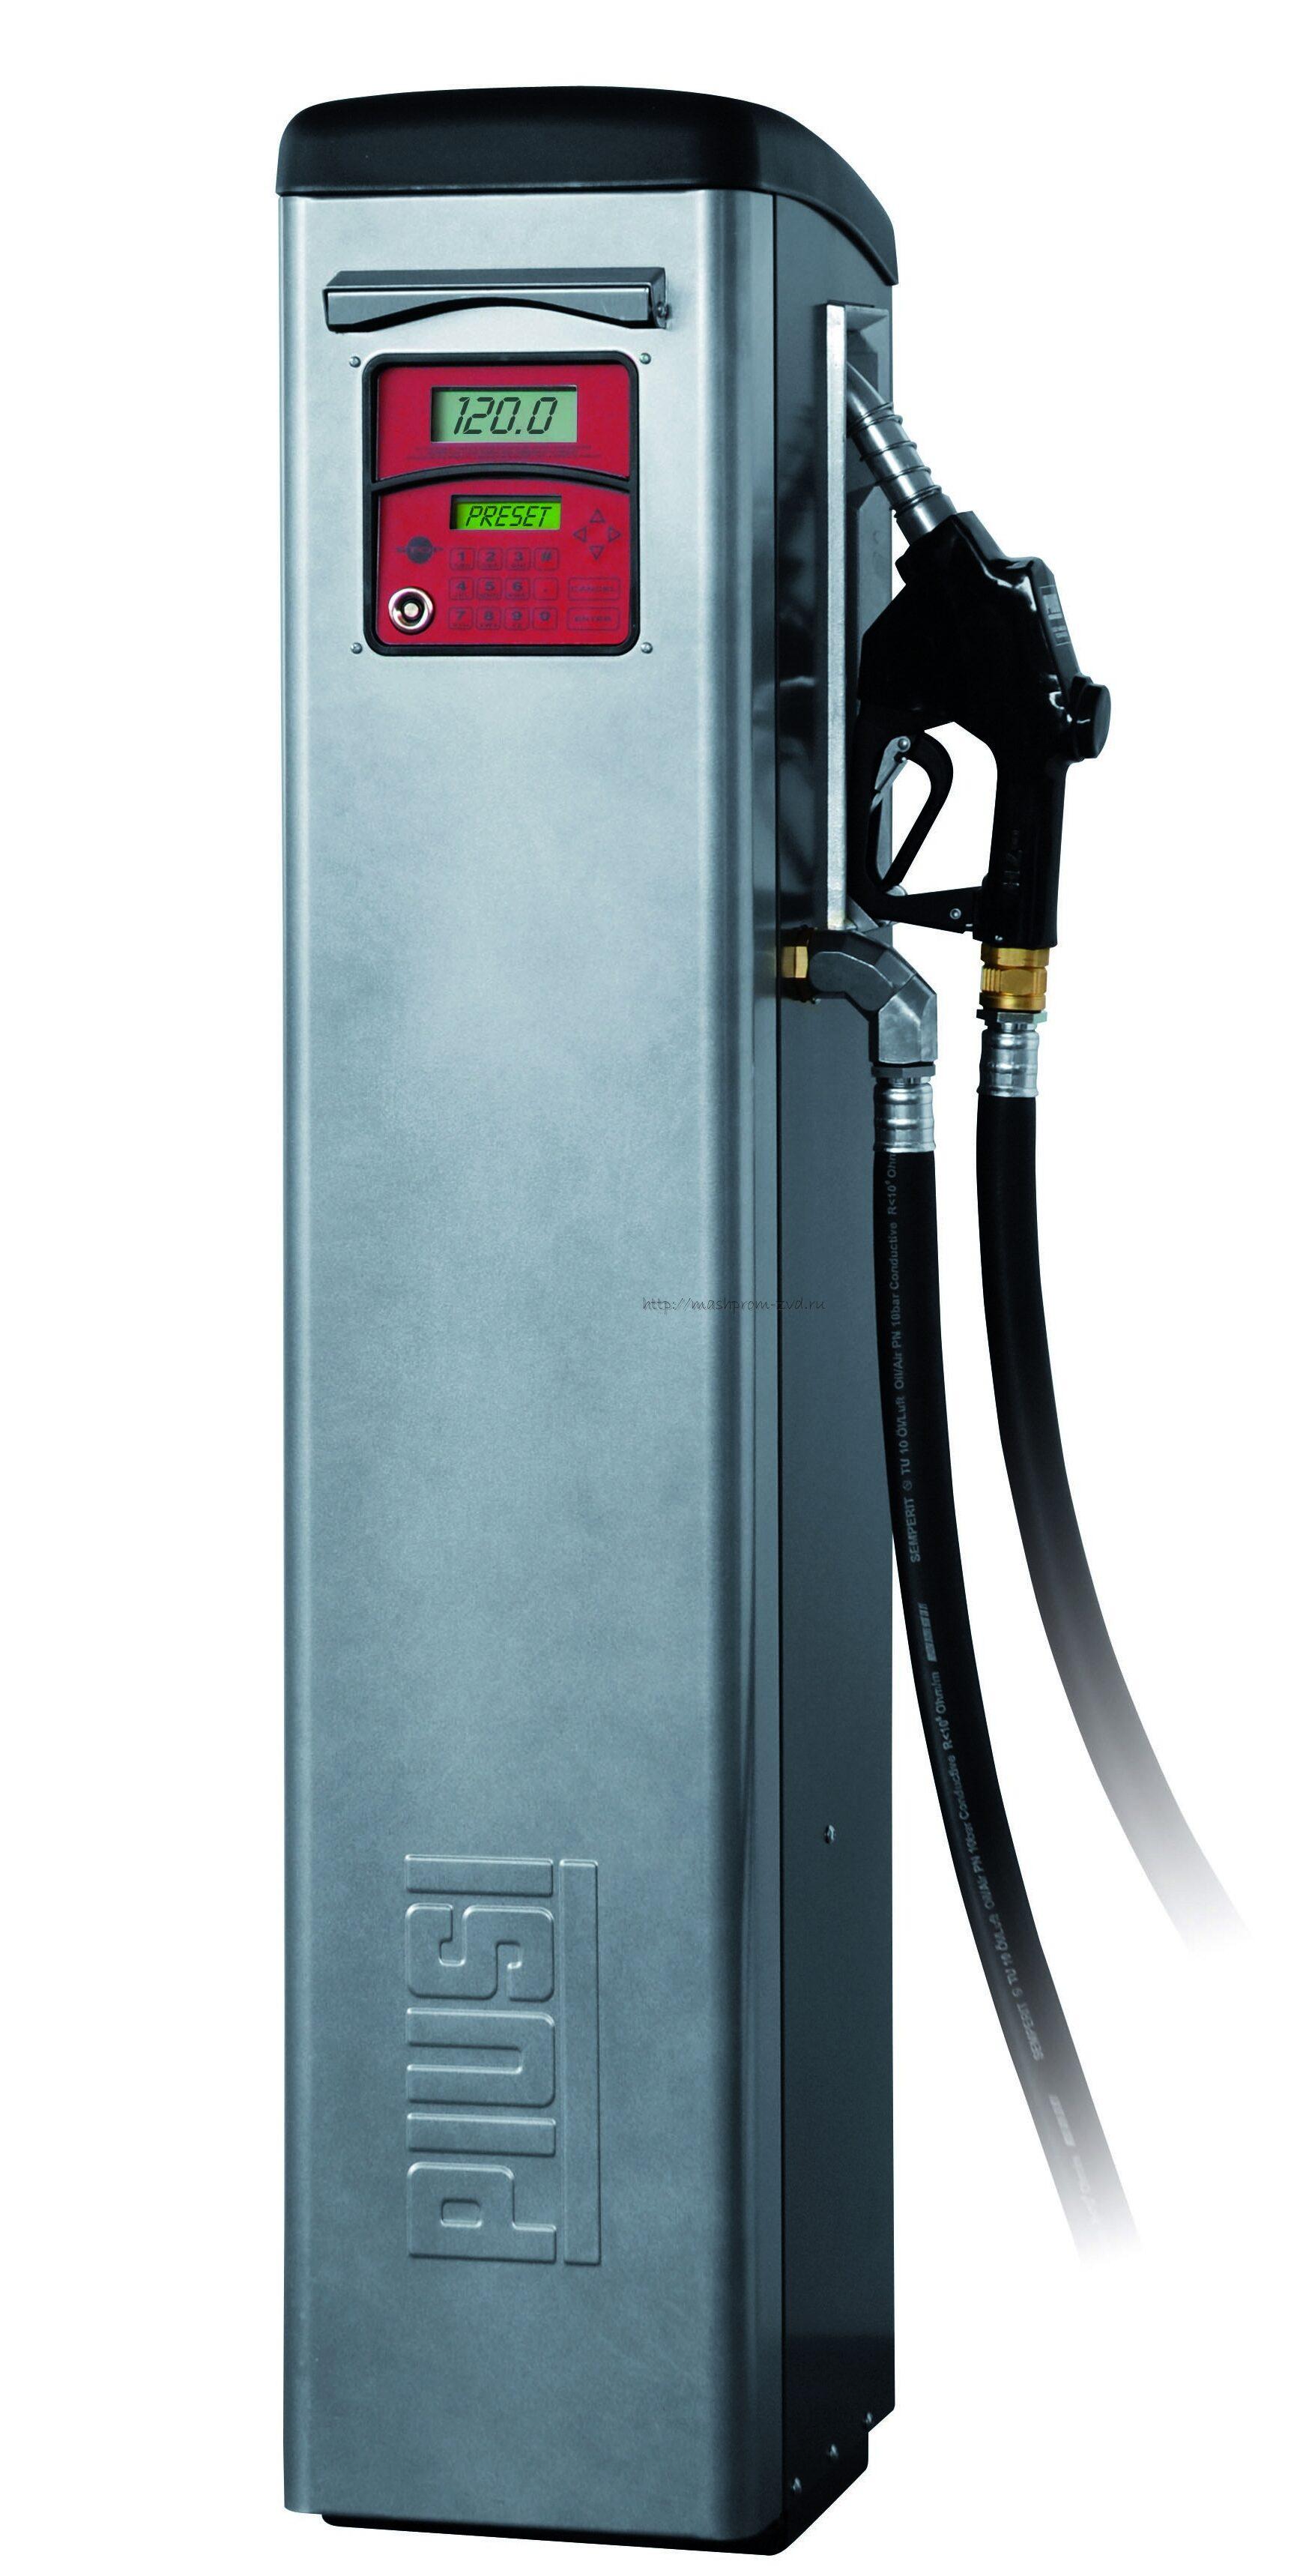 Self Service 100 FM TANK арт. F00742B0C - Программируемая раздаточная колонка для ДТ с принтером чеков, 100 л/мин